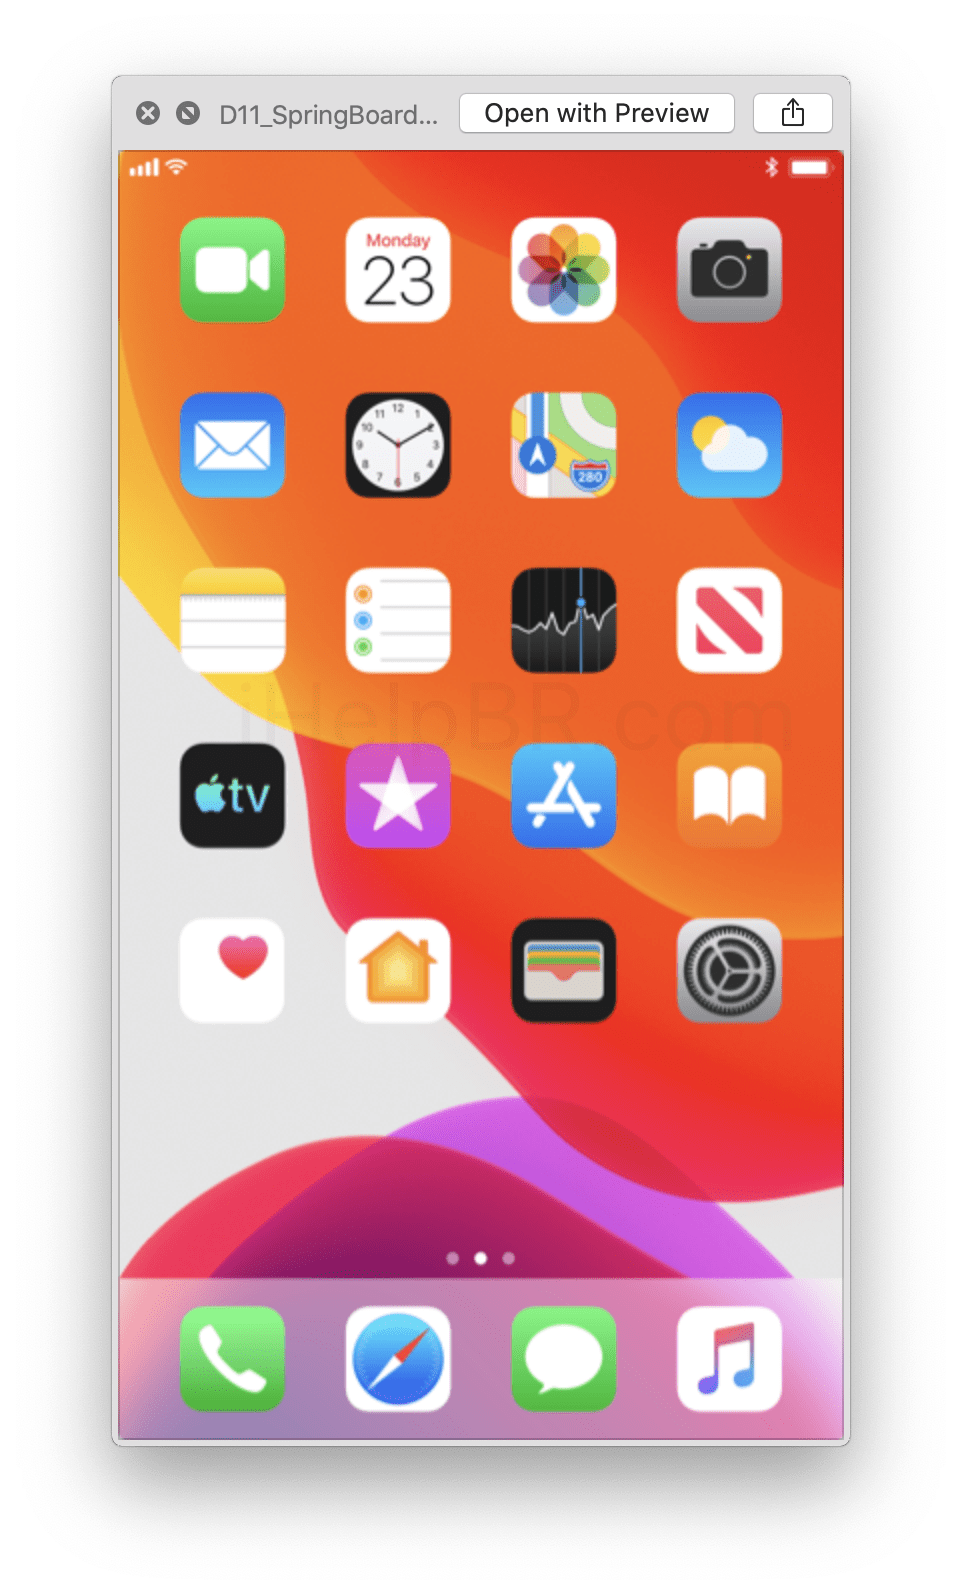 Possível data de lançamento dos novos iPhones descoberta no iOS 13 beta 7